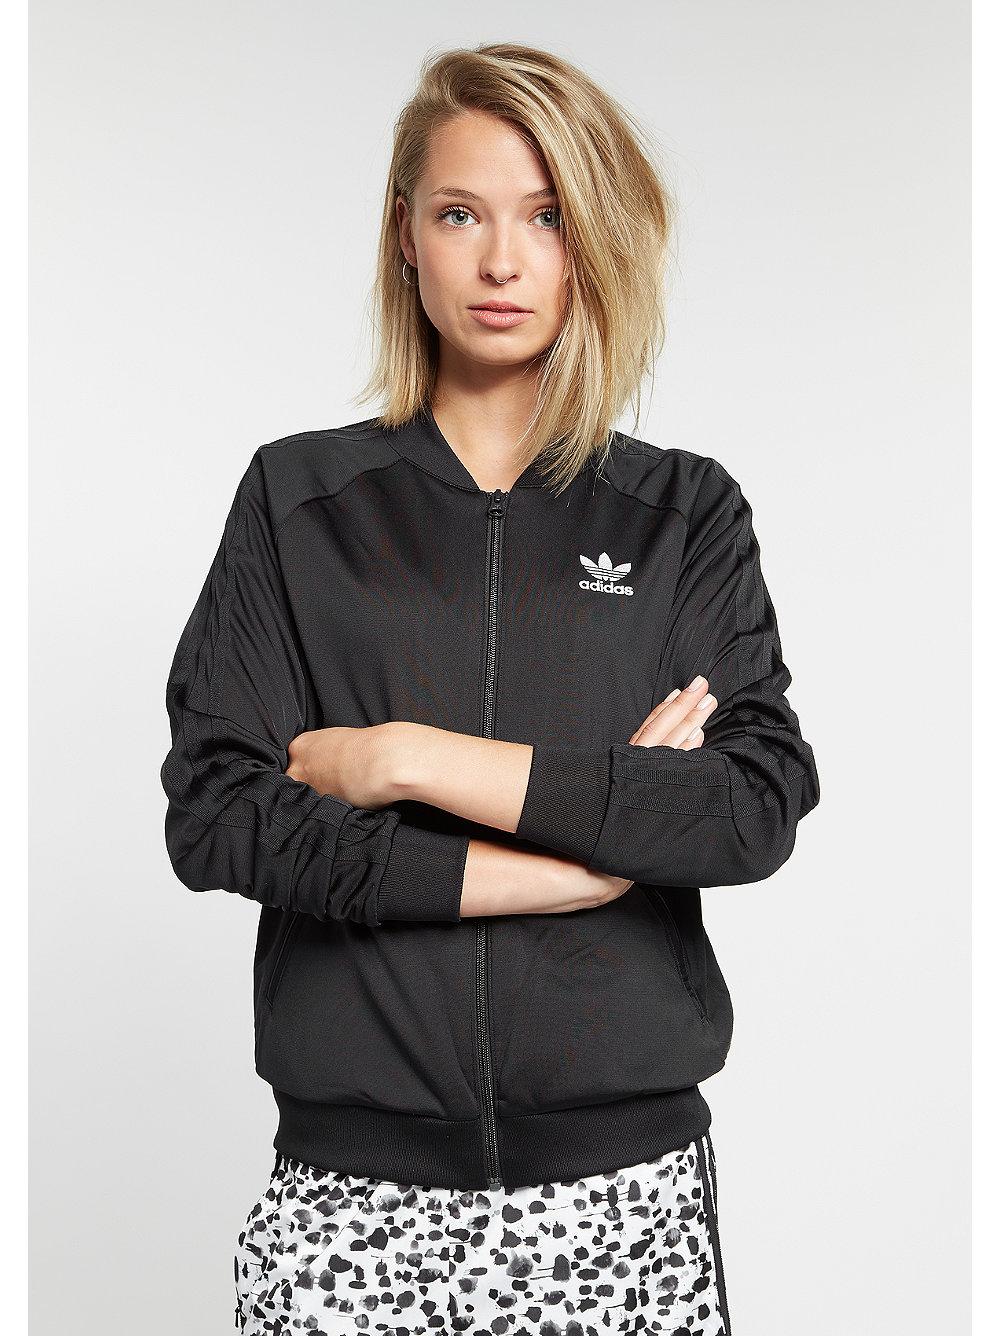 adidas Trainingsjacke Inked Supergirl black schwarz M,XS,S